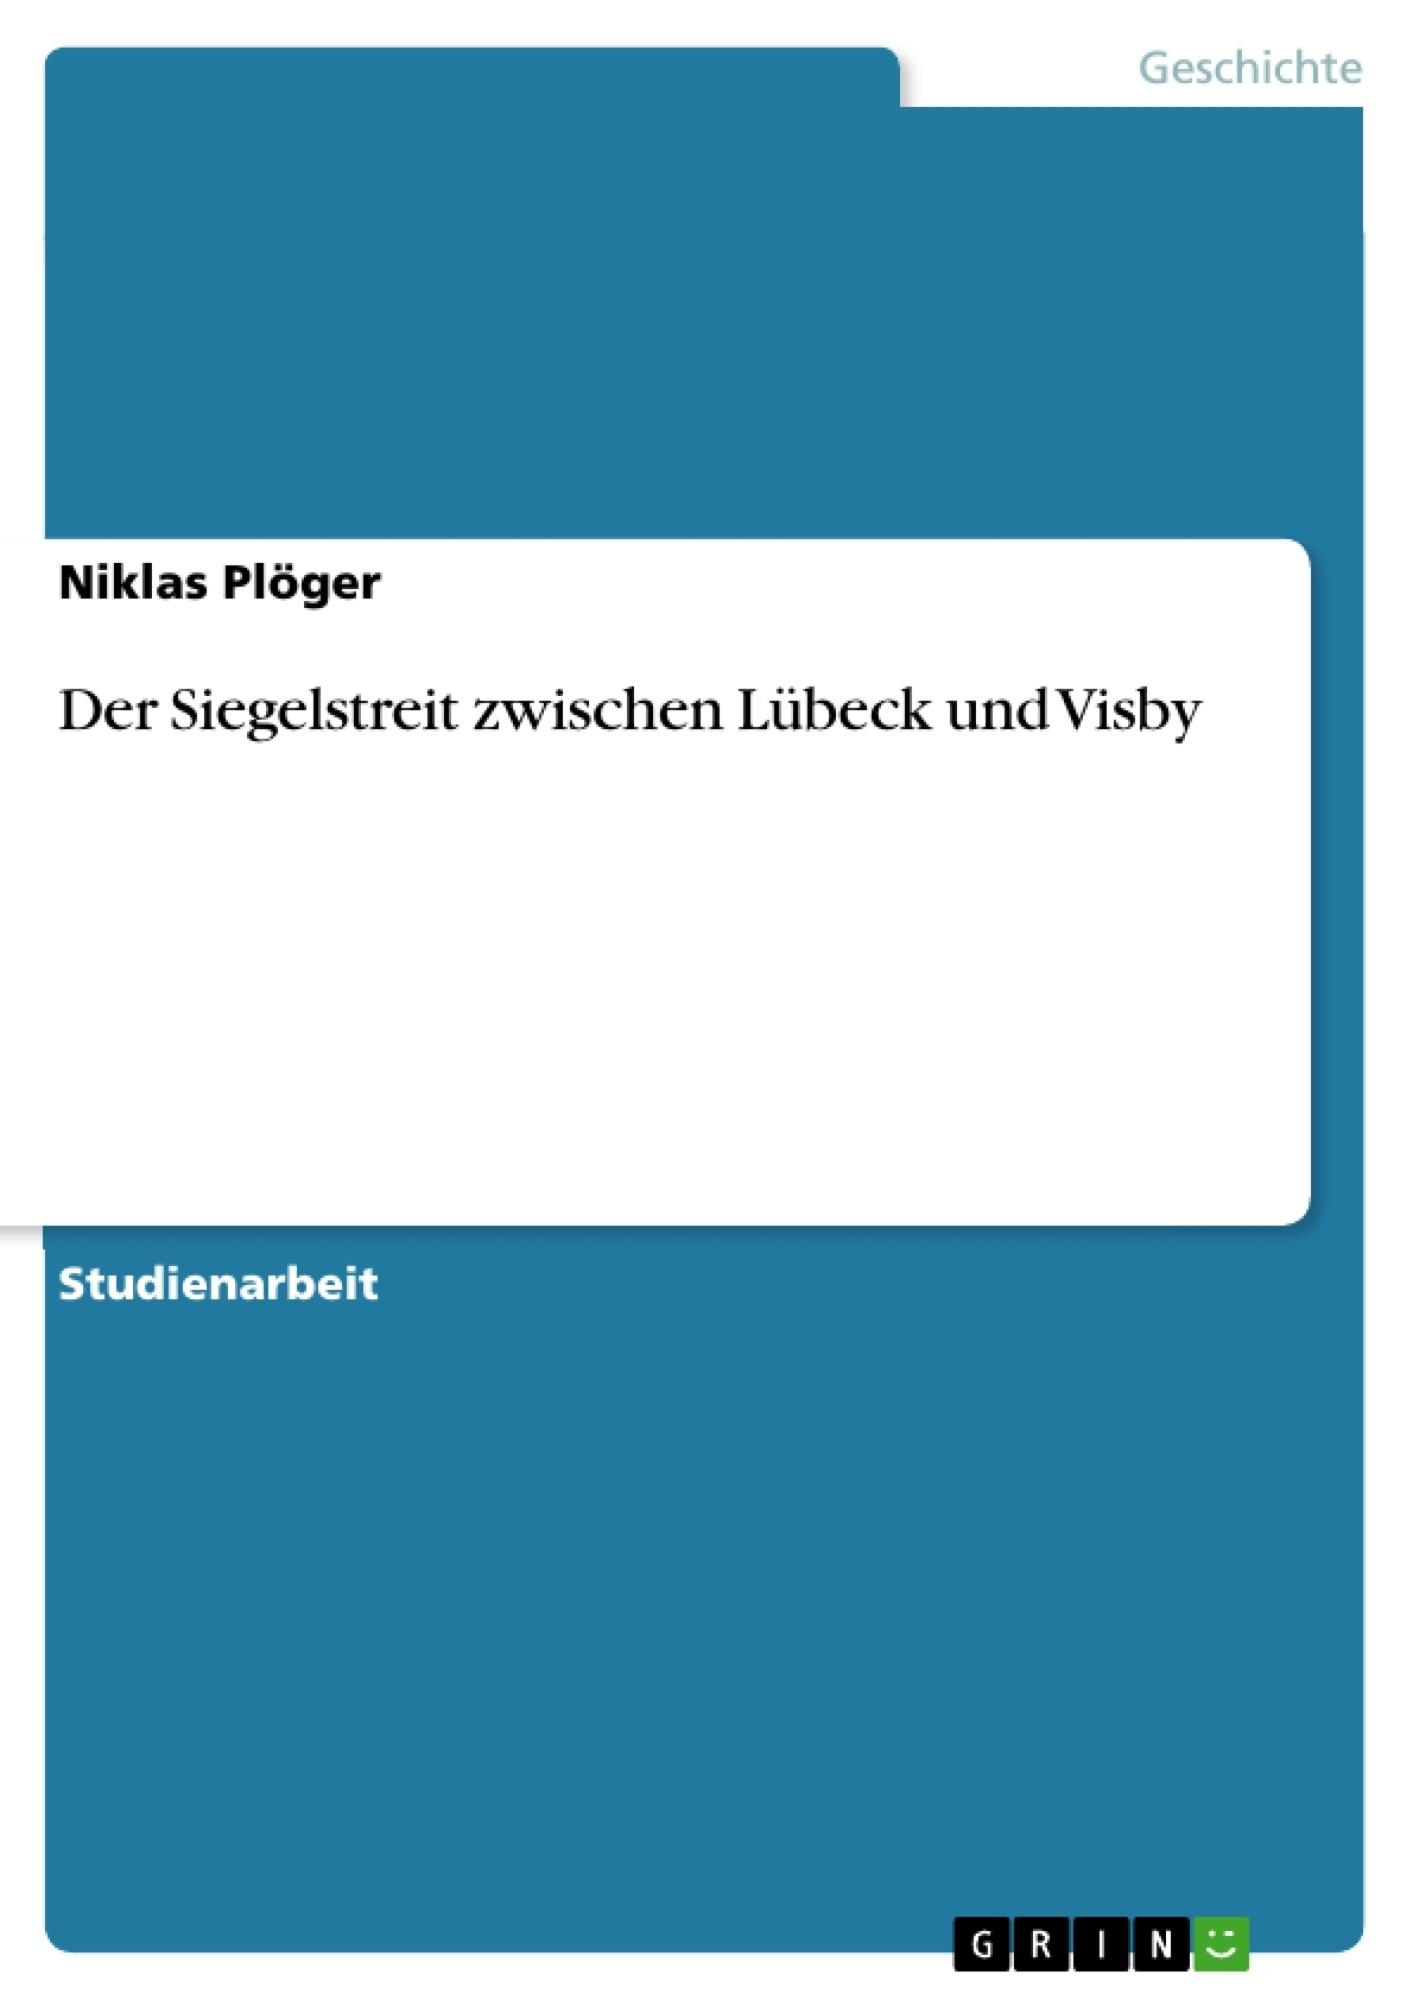 Titel: Der Siegelstreit zwischen Lübeck und Visby